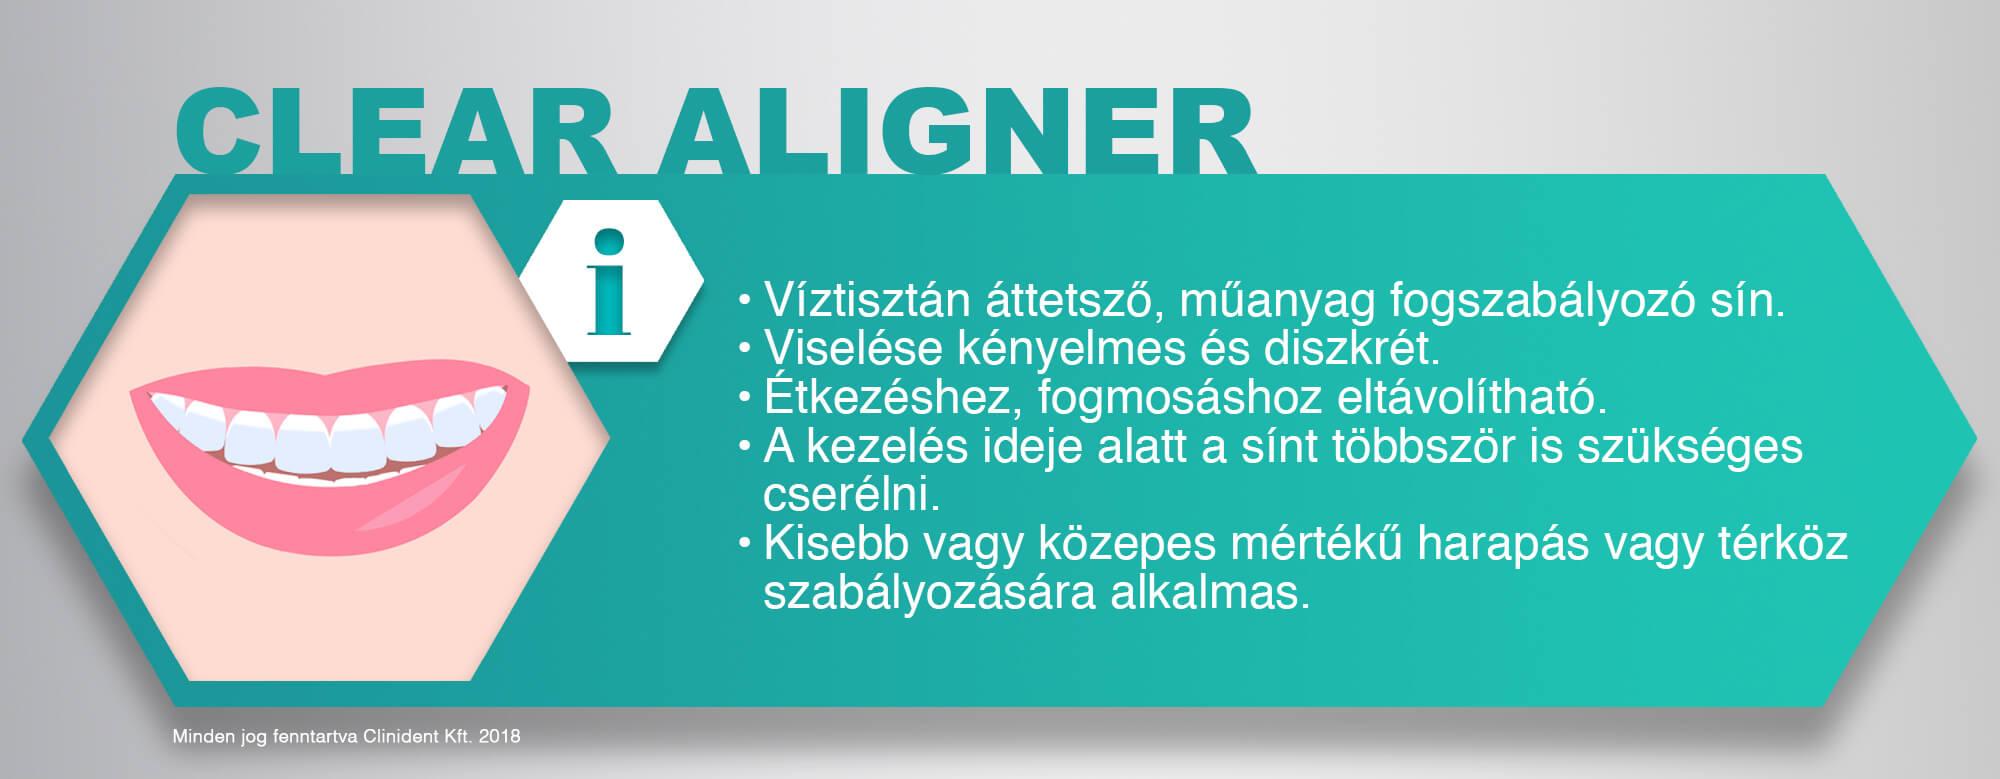 Clear aligner fogszabályozó, láthatatlan fogszabályozó, fogszabályozás